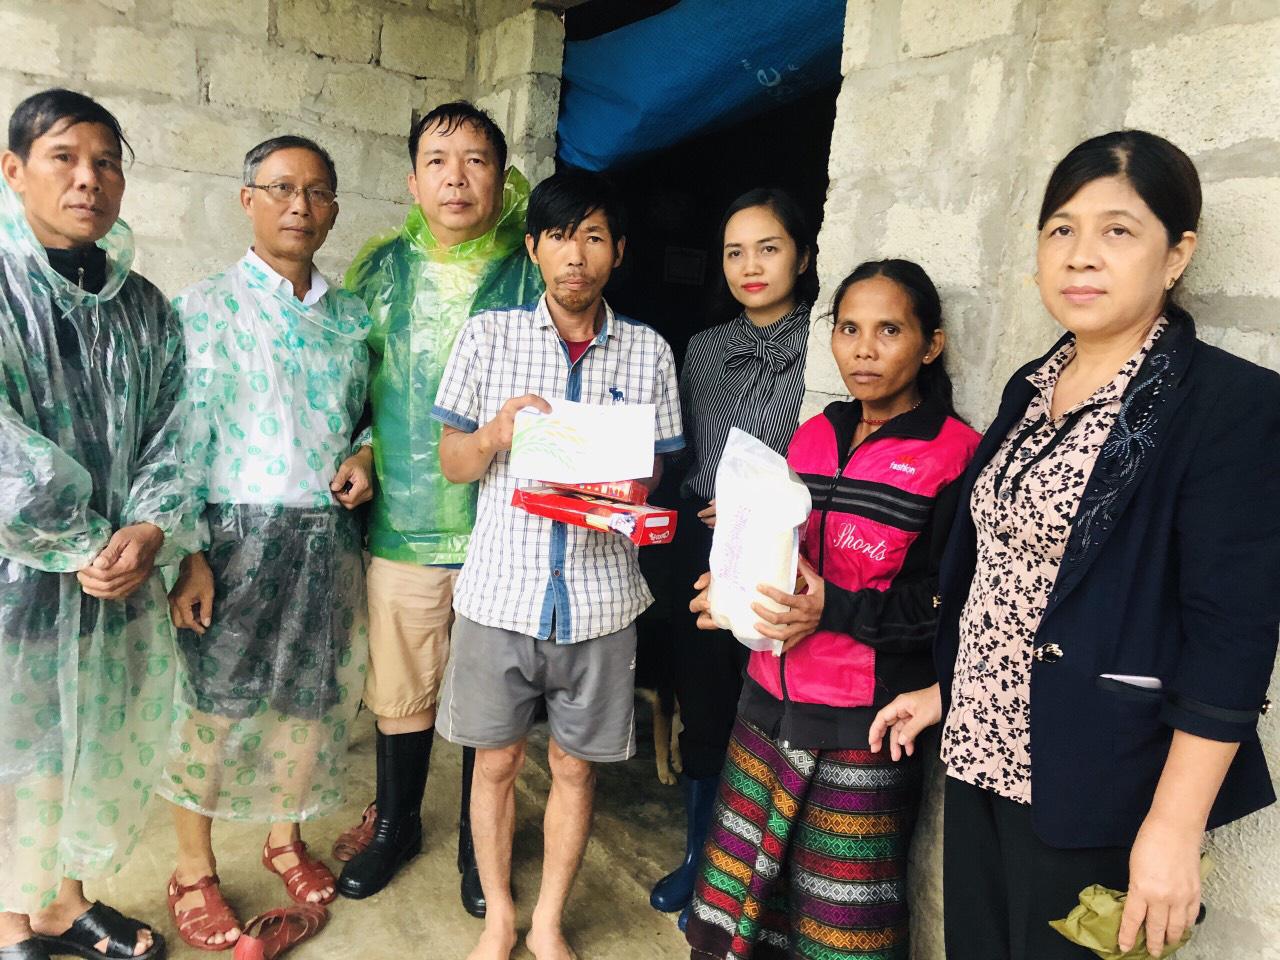 1000 suất quà cứu trợ của báo NTNN đến được với người dân Quảng Trị  - Ảnh 15.